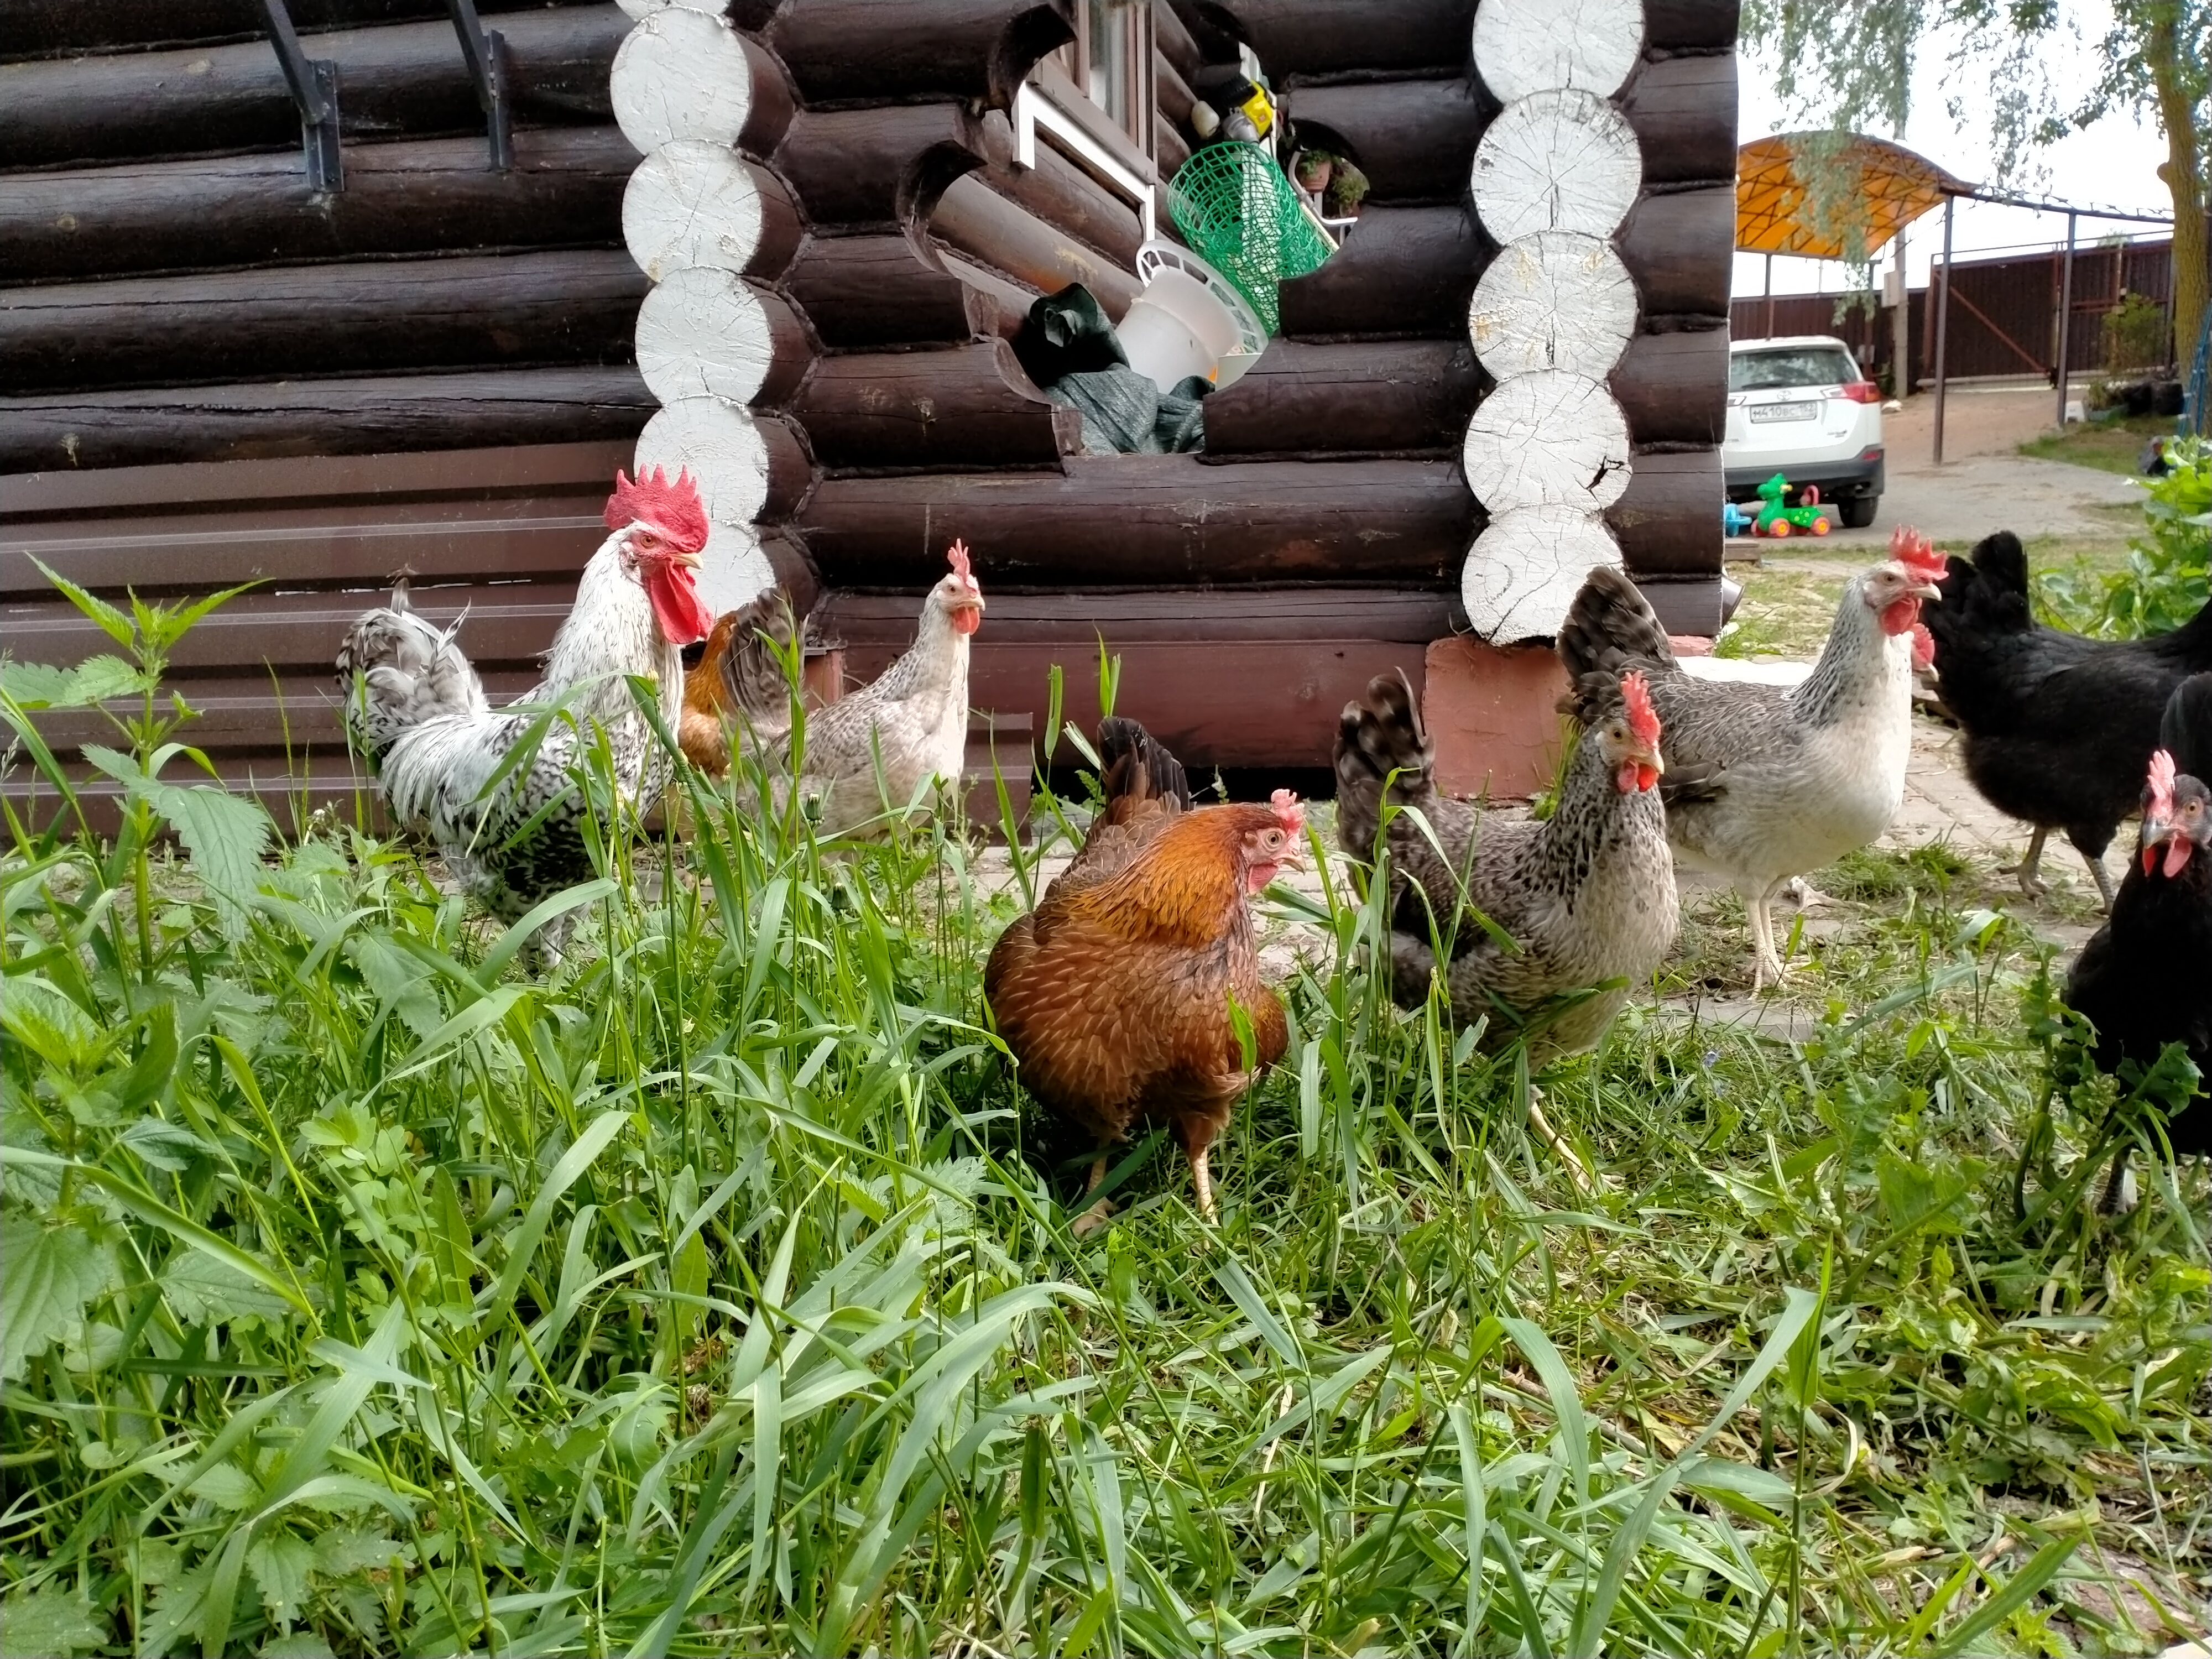 Тюрингская бородатая - яичная порода кур. Описание, характеристики, особенности разведения, кормление, инкубация